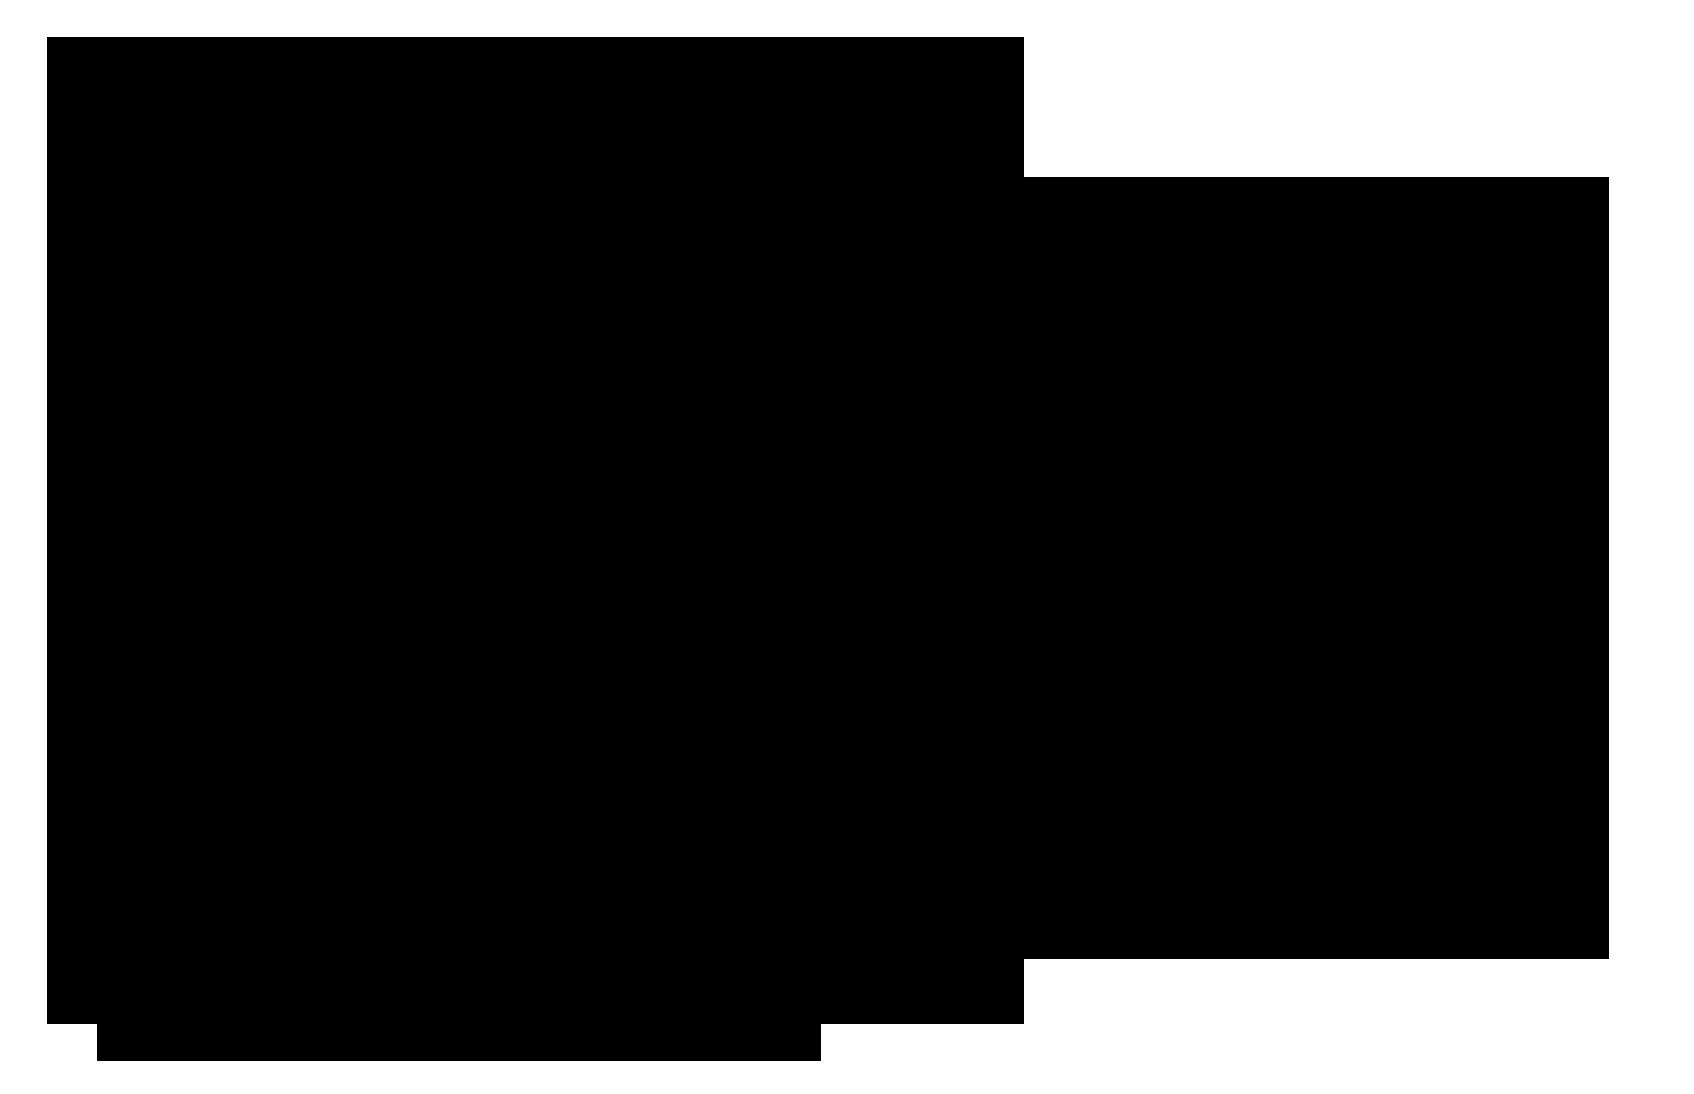 1694x1094 Crow Clipart Bird Outline